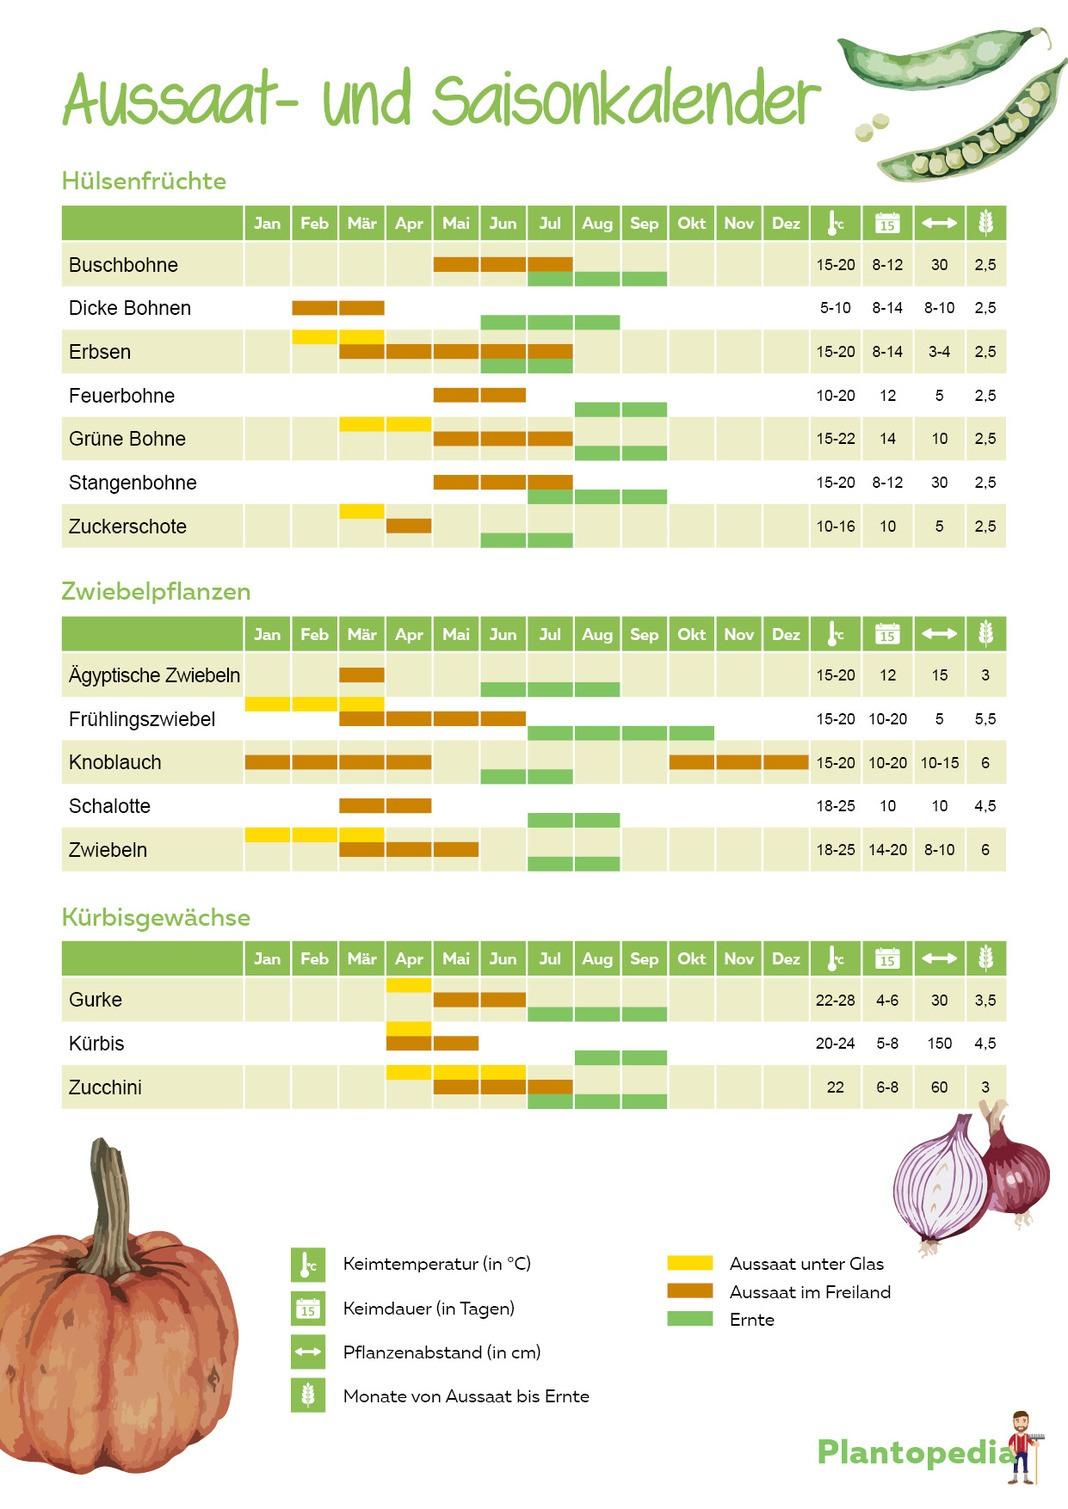 Aussaatkalender Gemüse